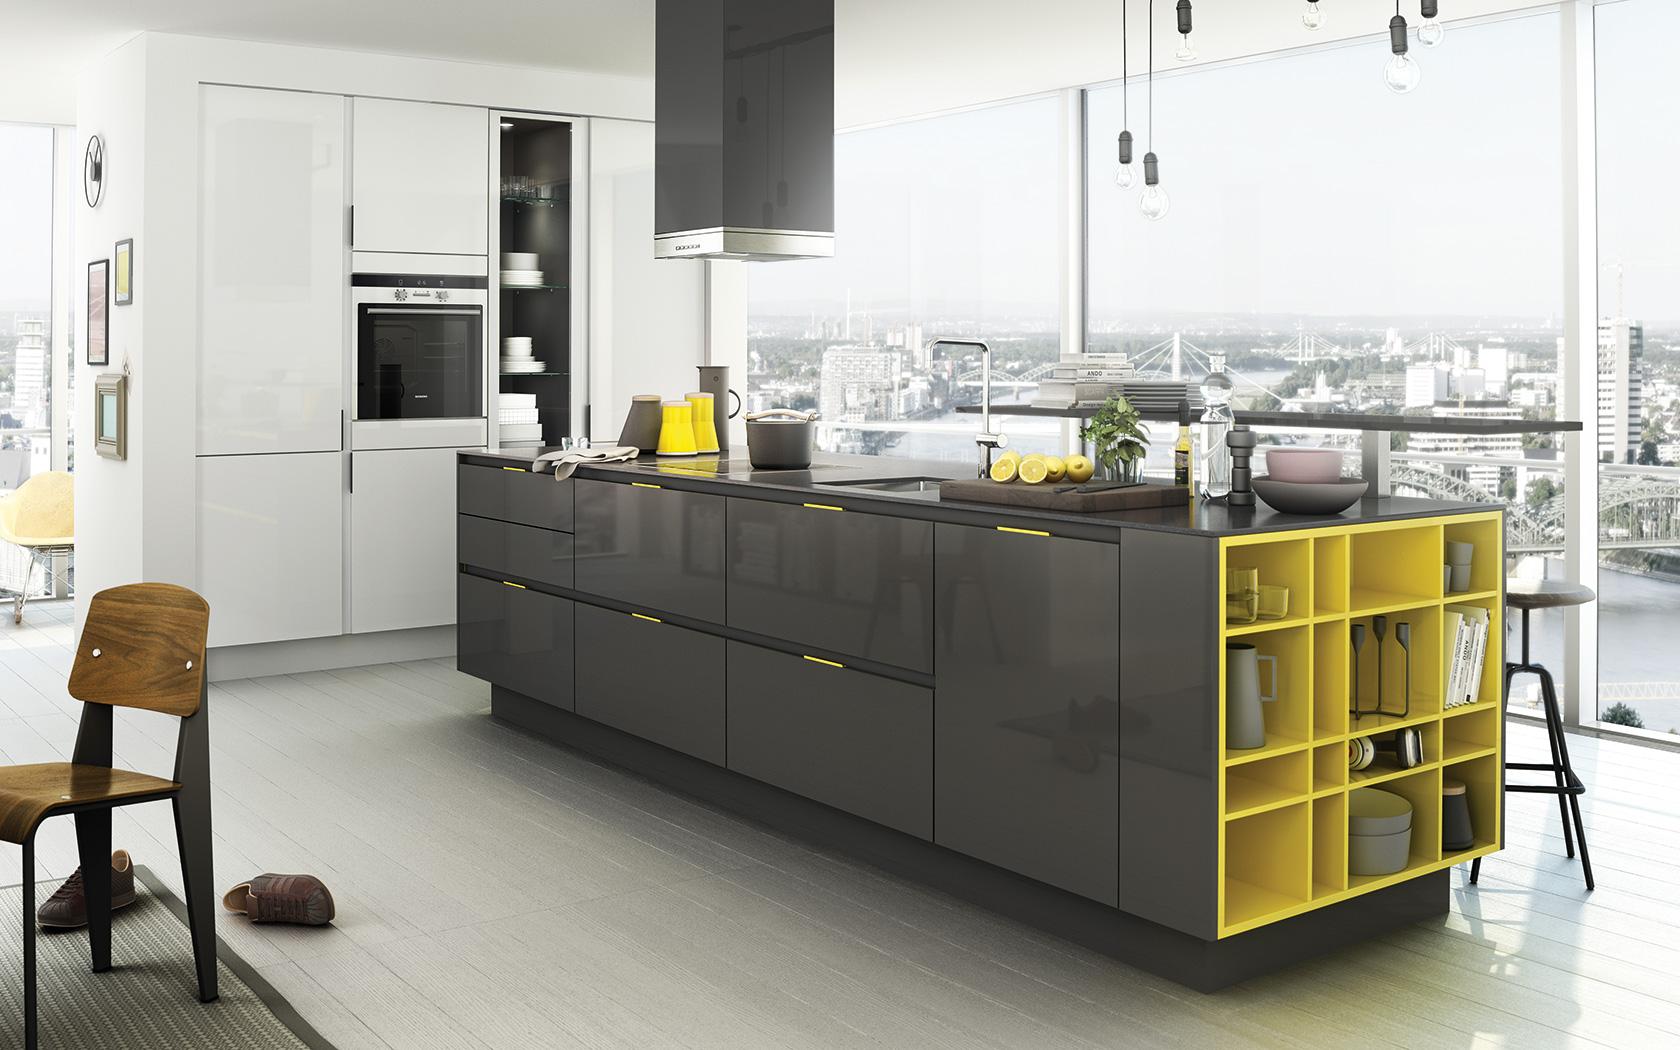 Cozinha funcional e criativa - Diana Brooks 7